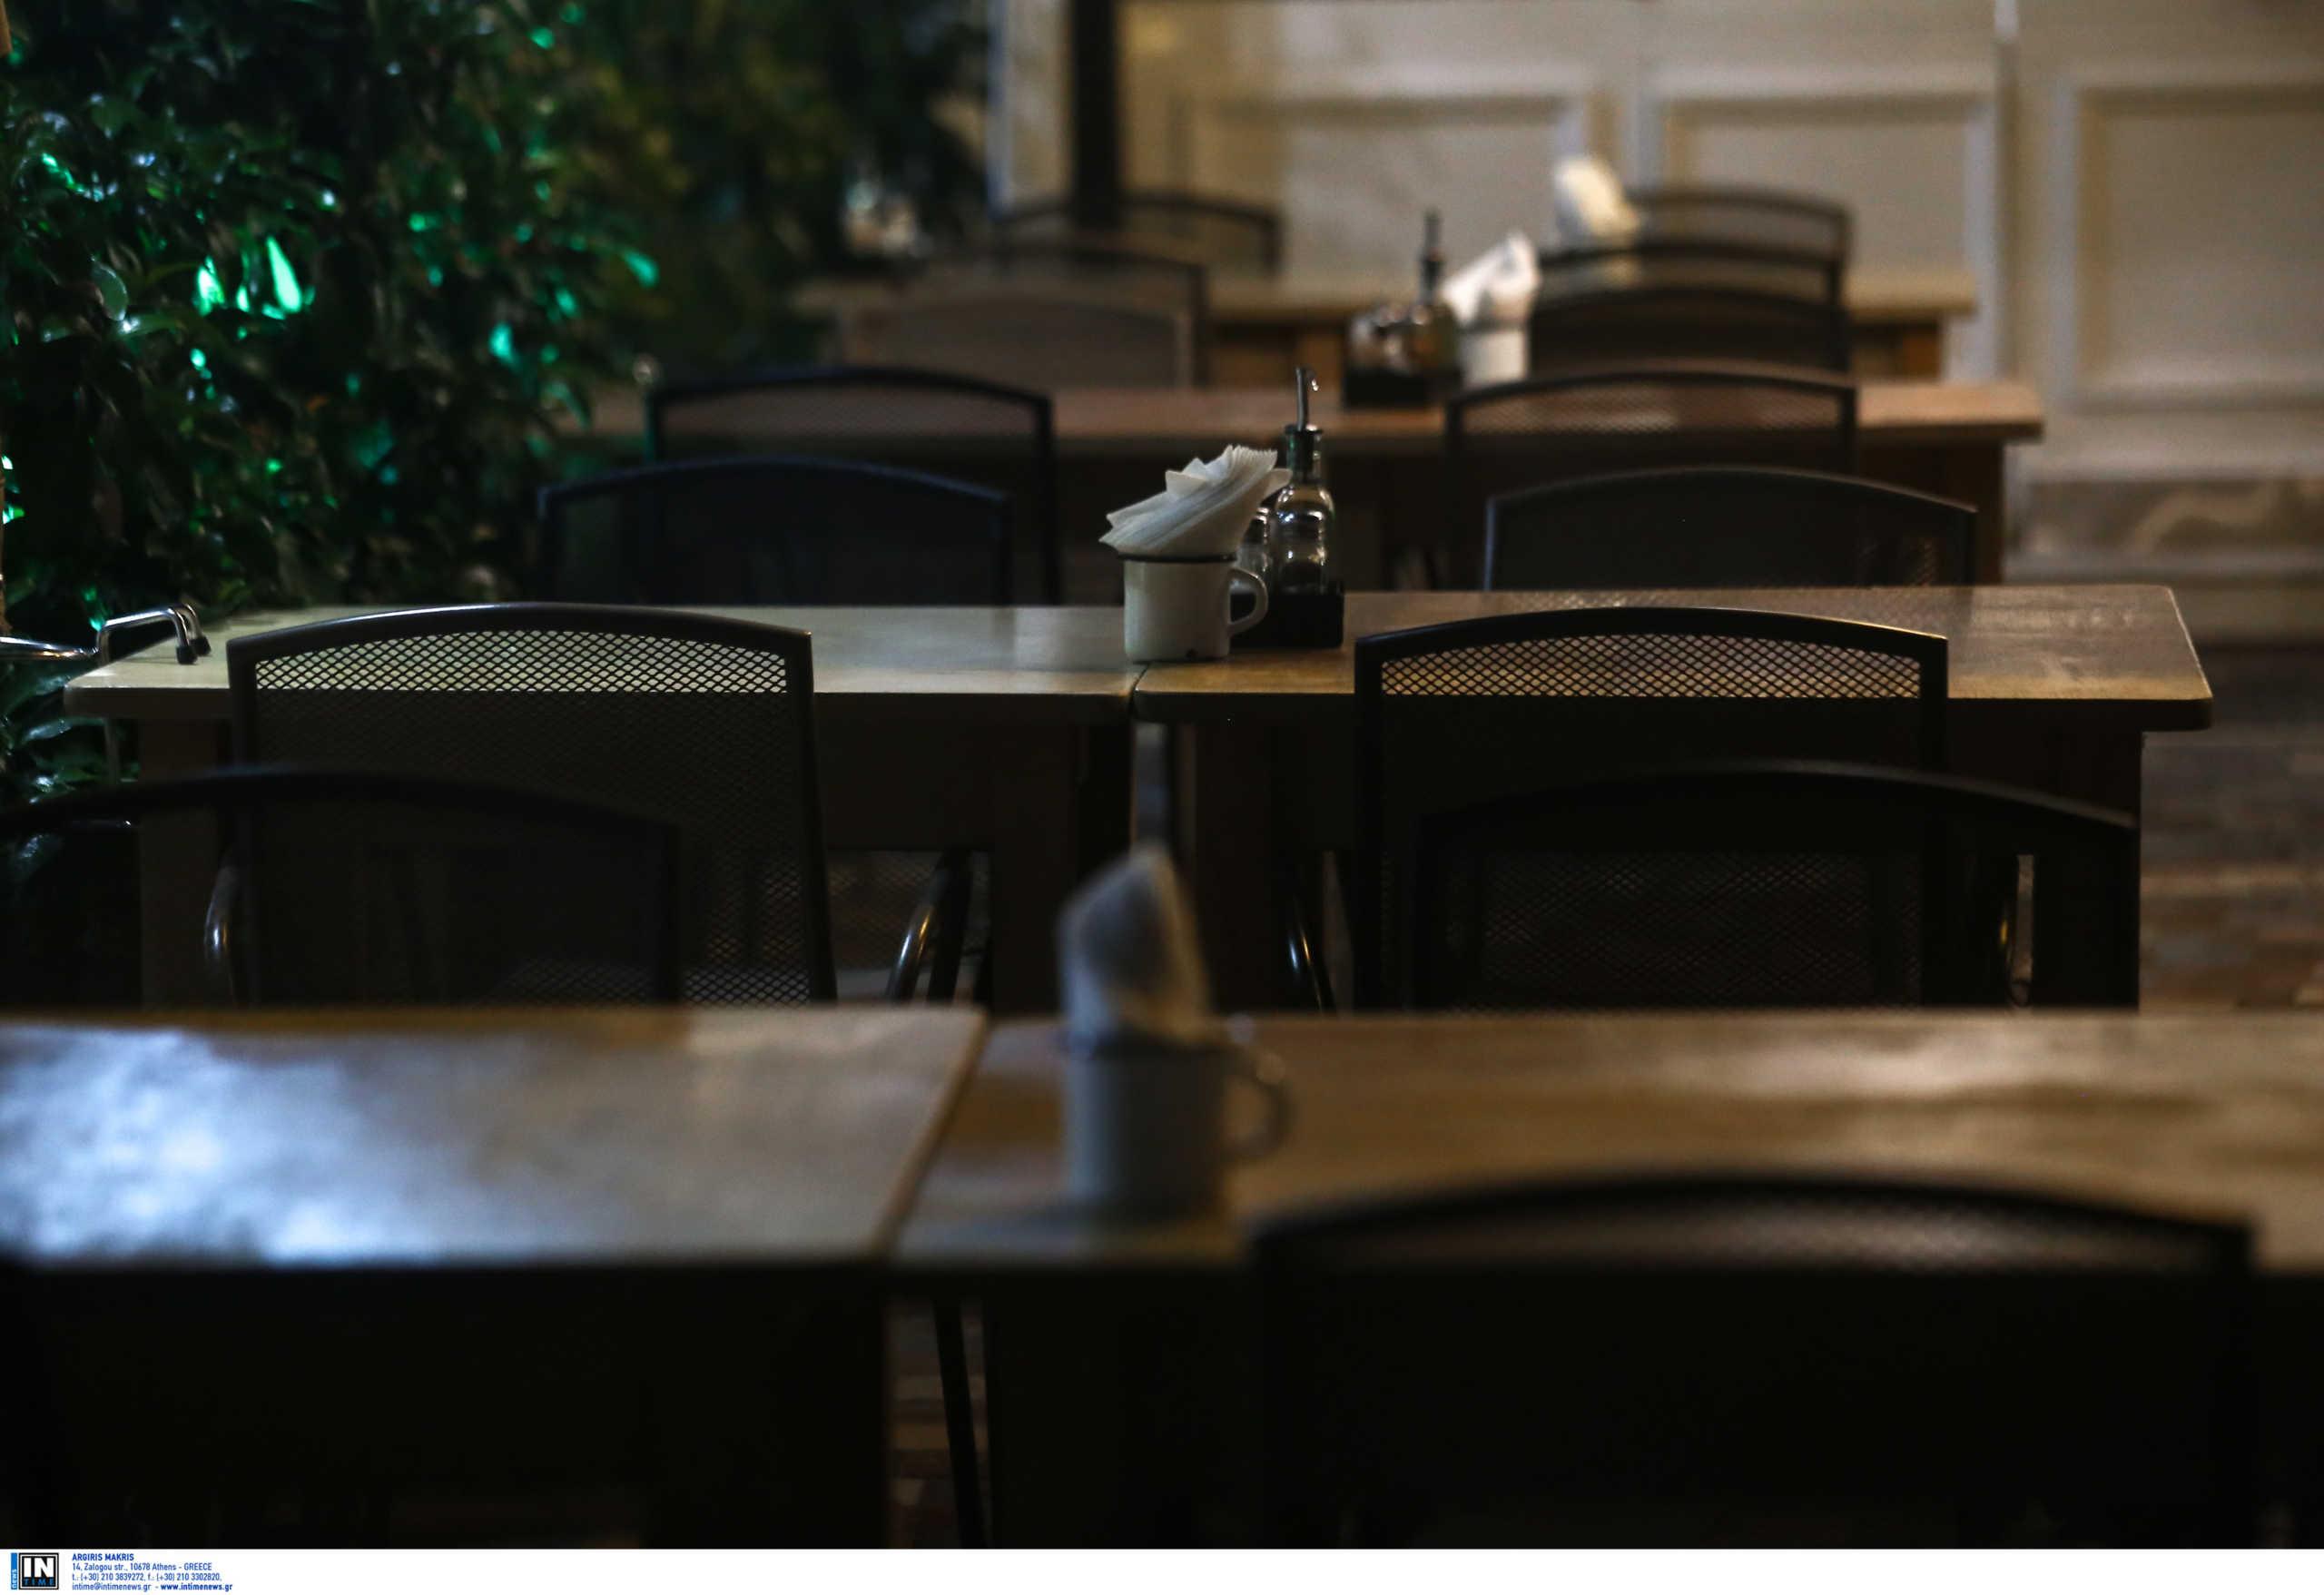 Γεωργιάδης: Δεν αποκλείω να κλείνουν τα εστιατόρια στις 10 το βράδυ